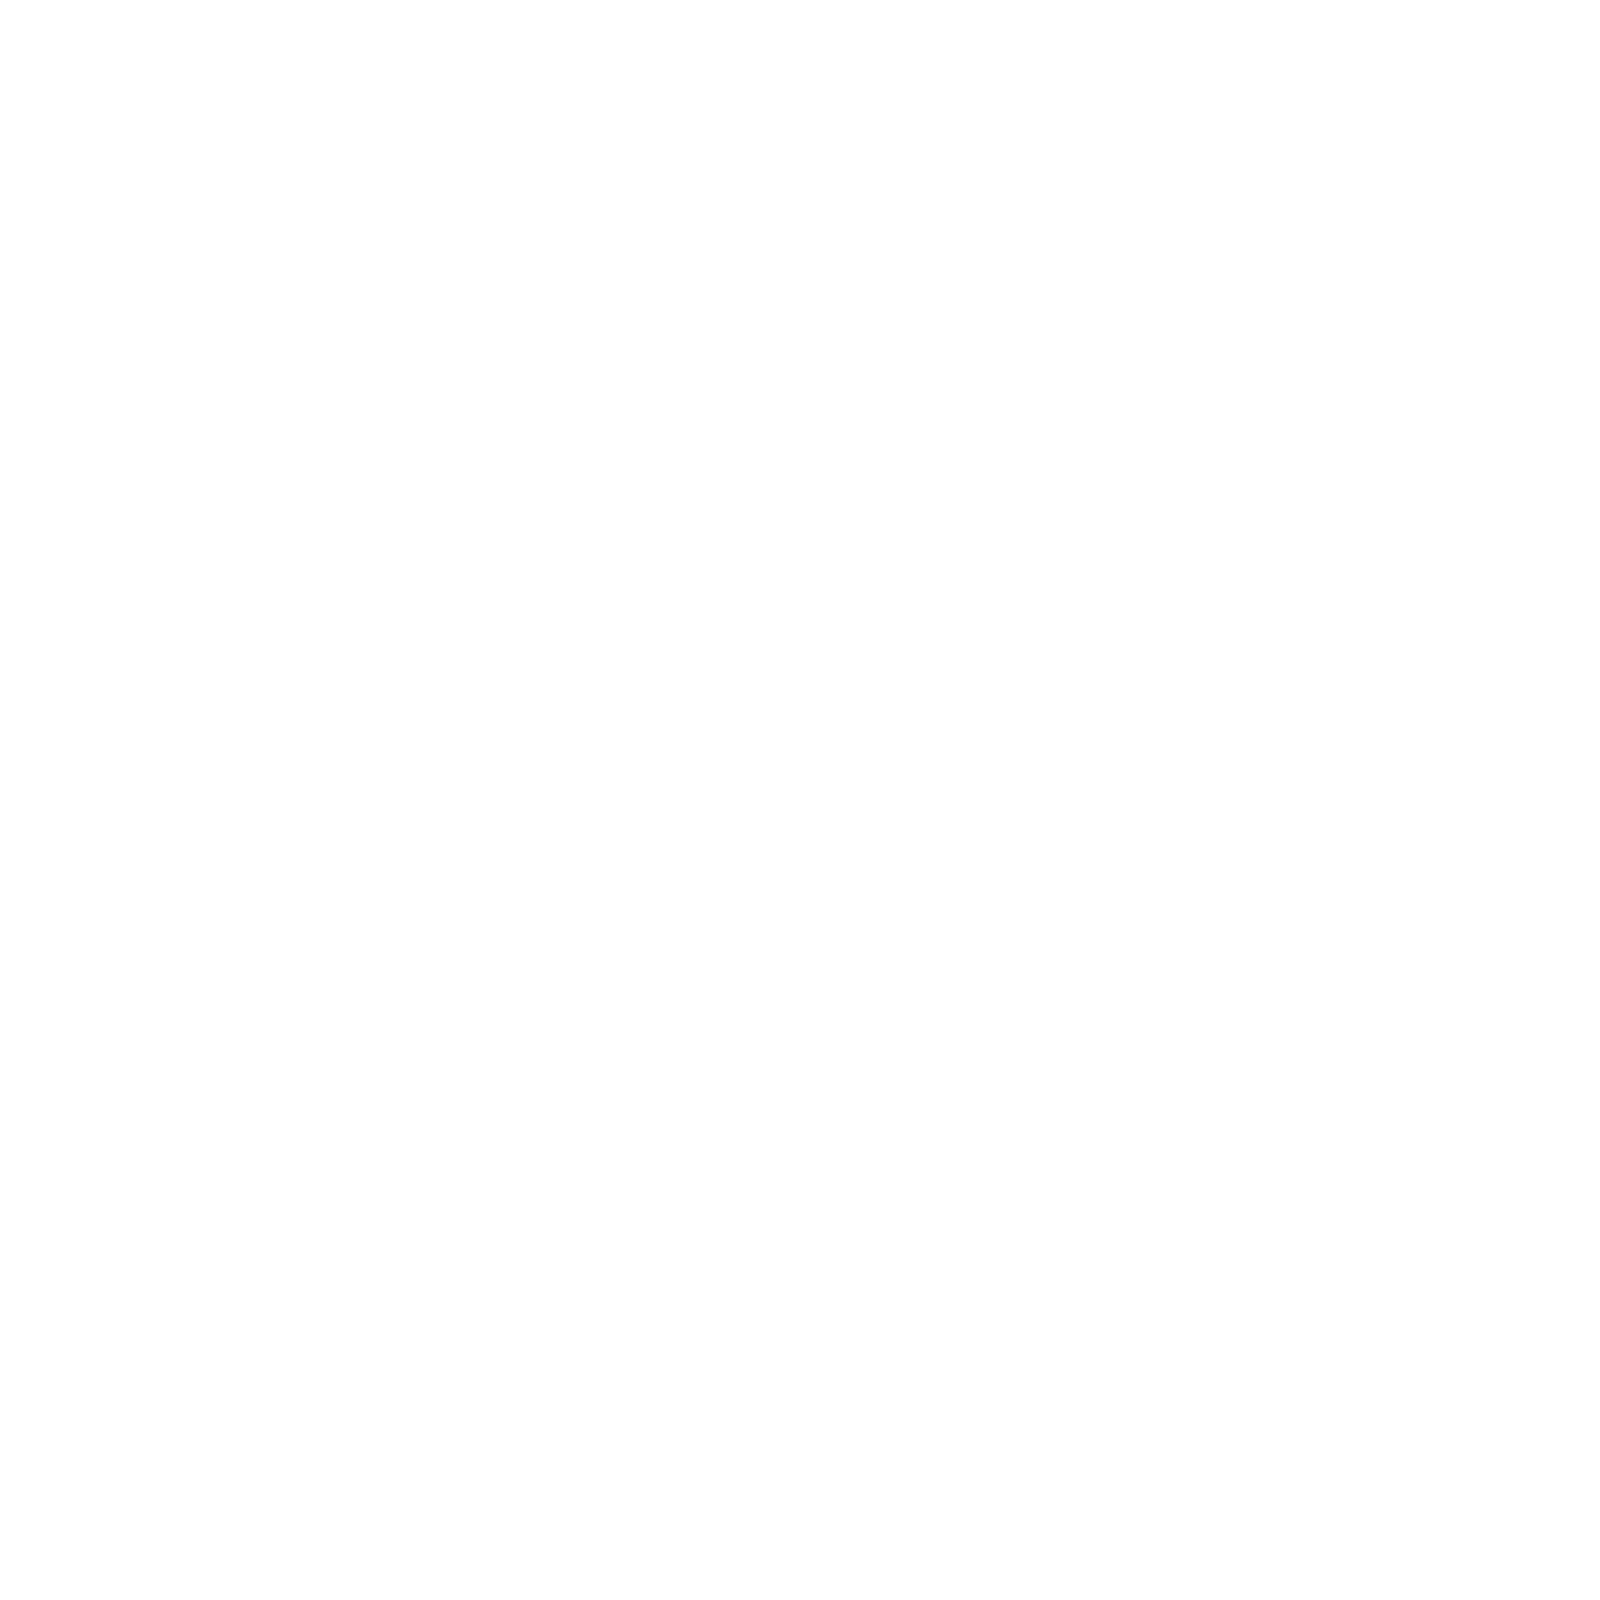 kenwood-project-logo